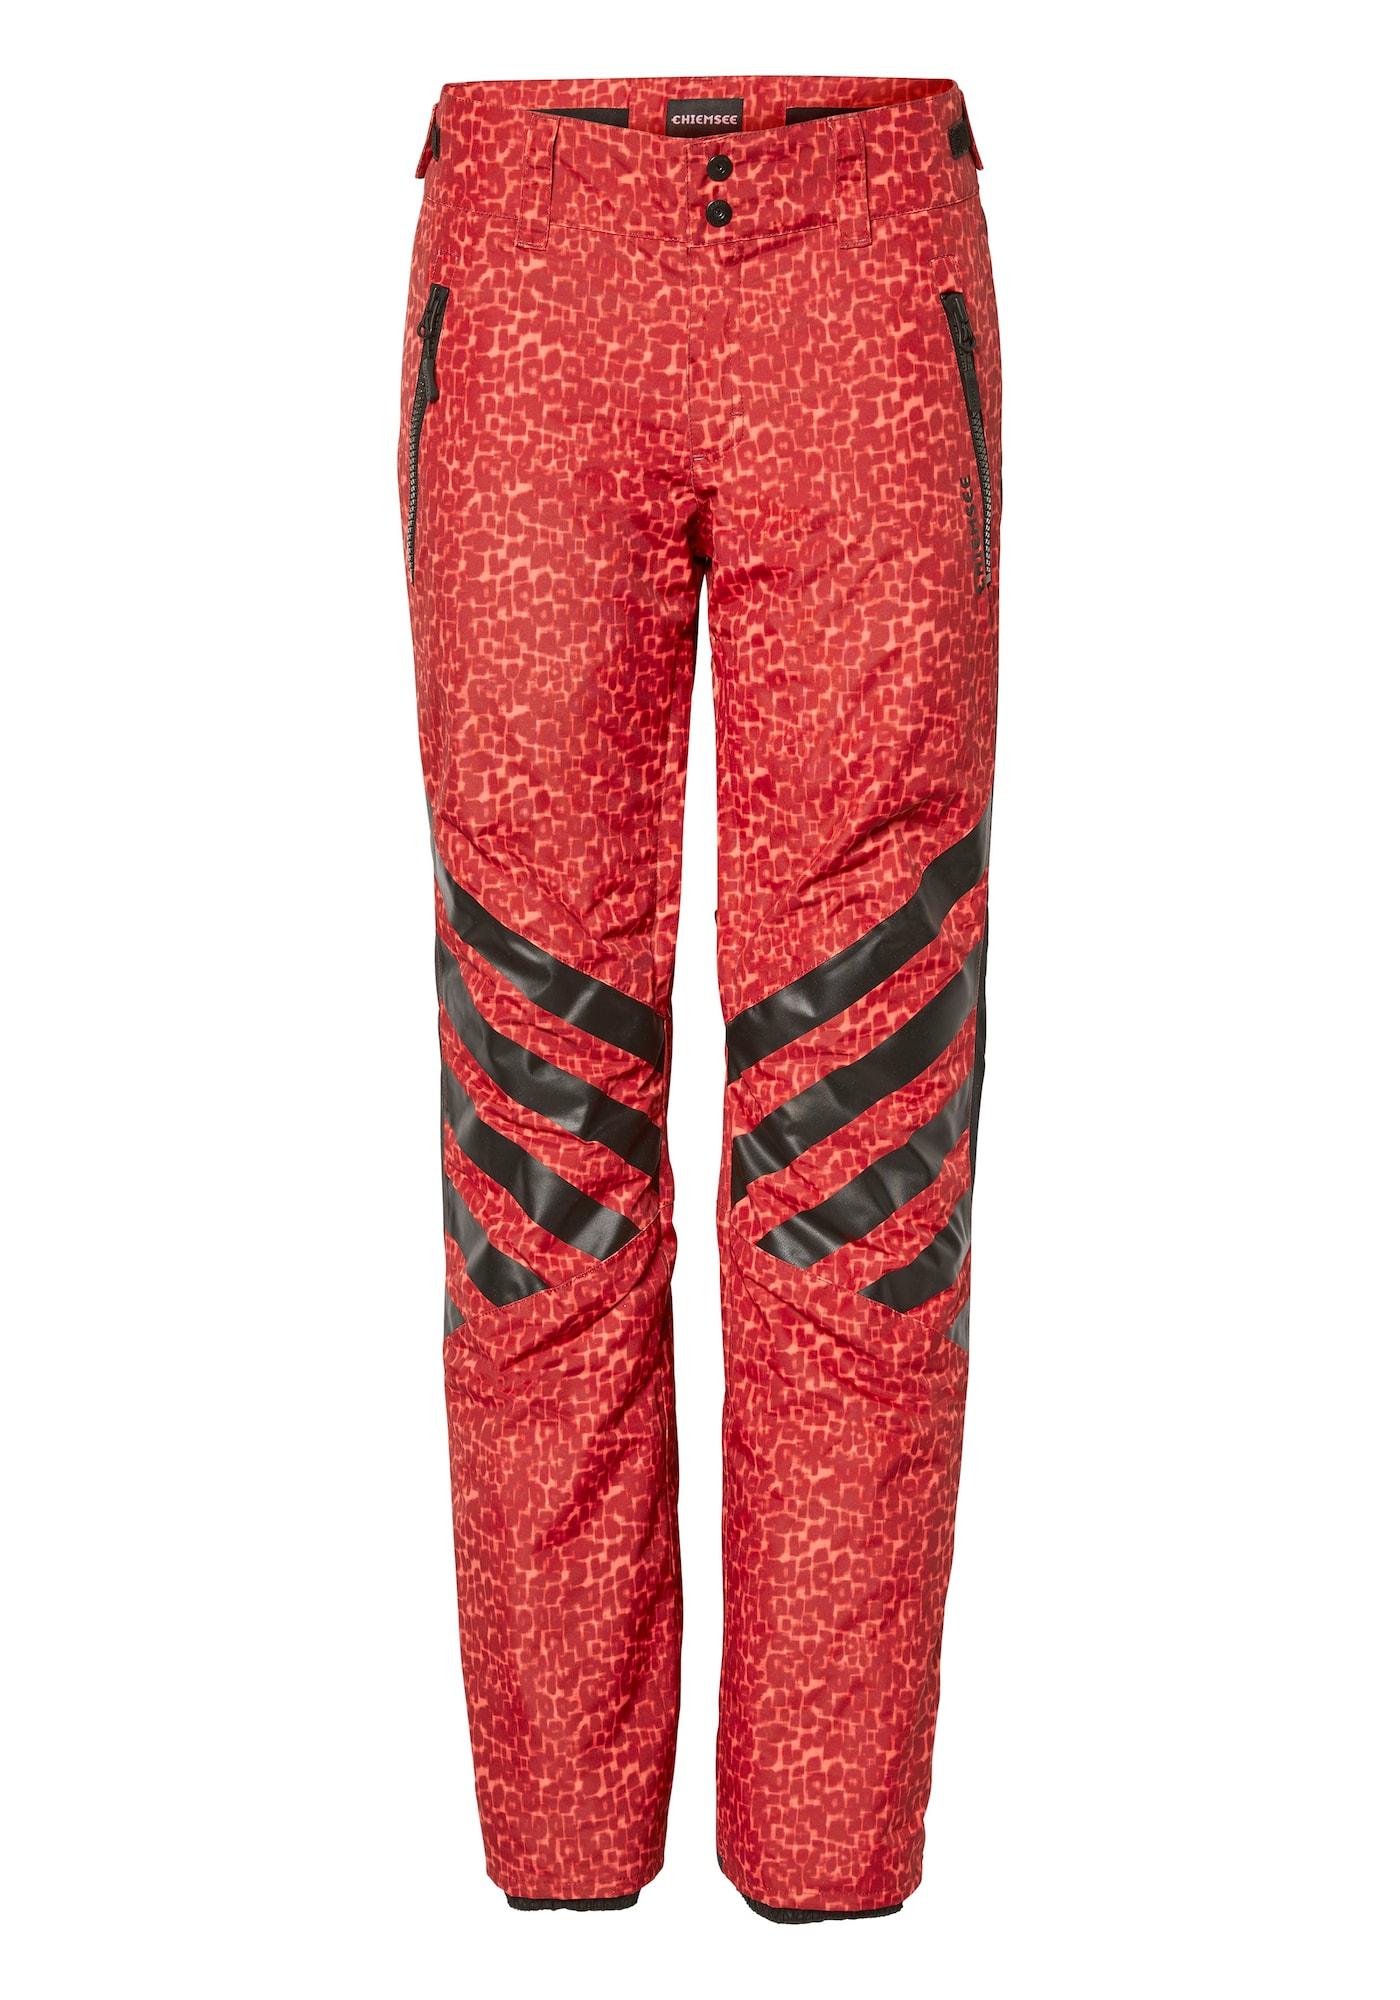 CHIEMSEE Sportinės kelnės juoda / raudona